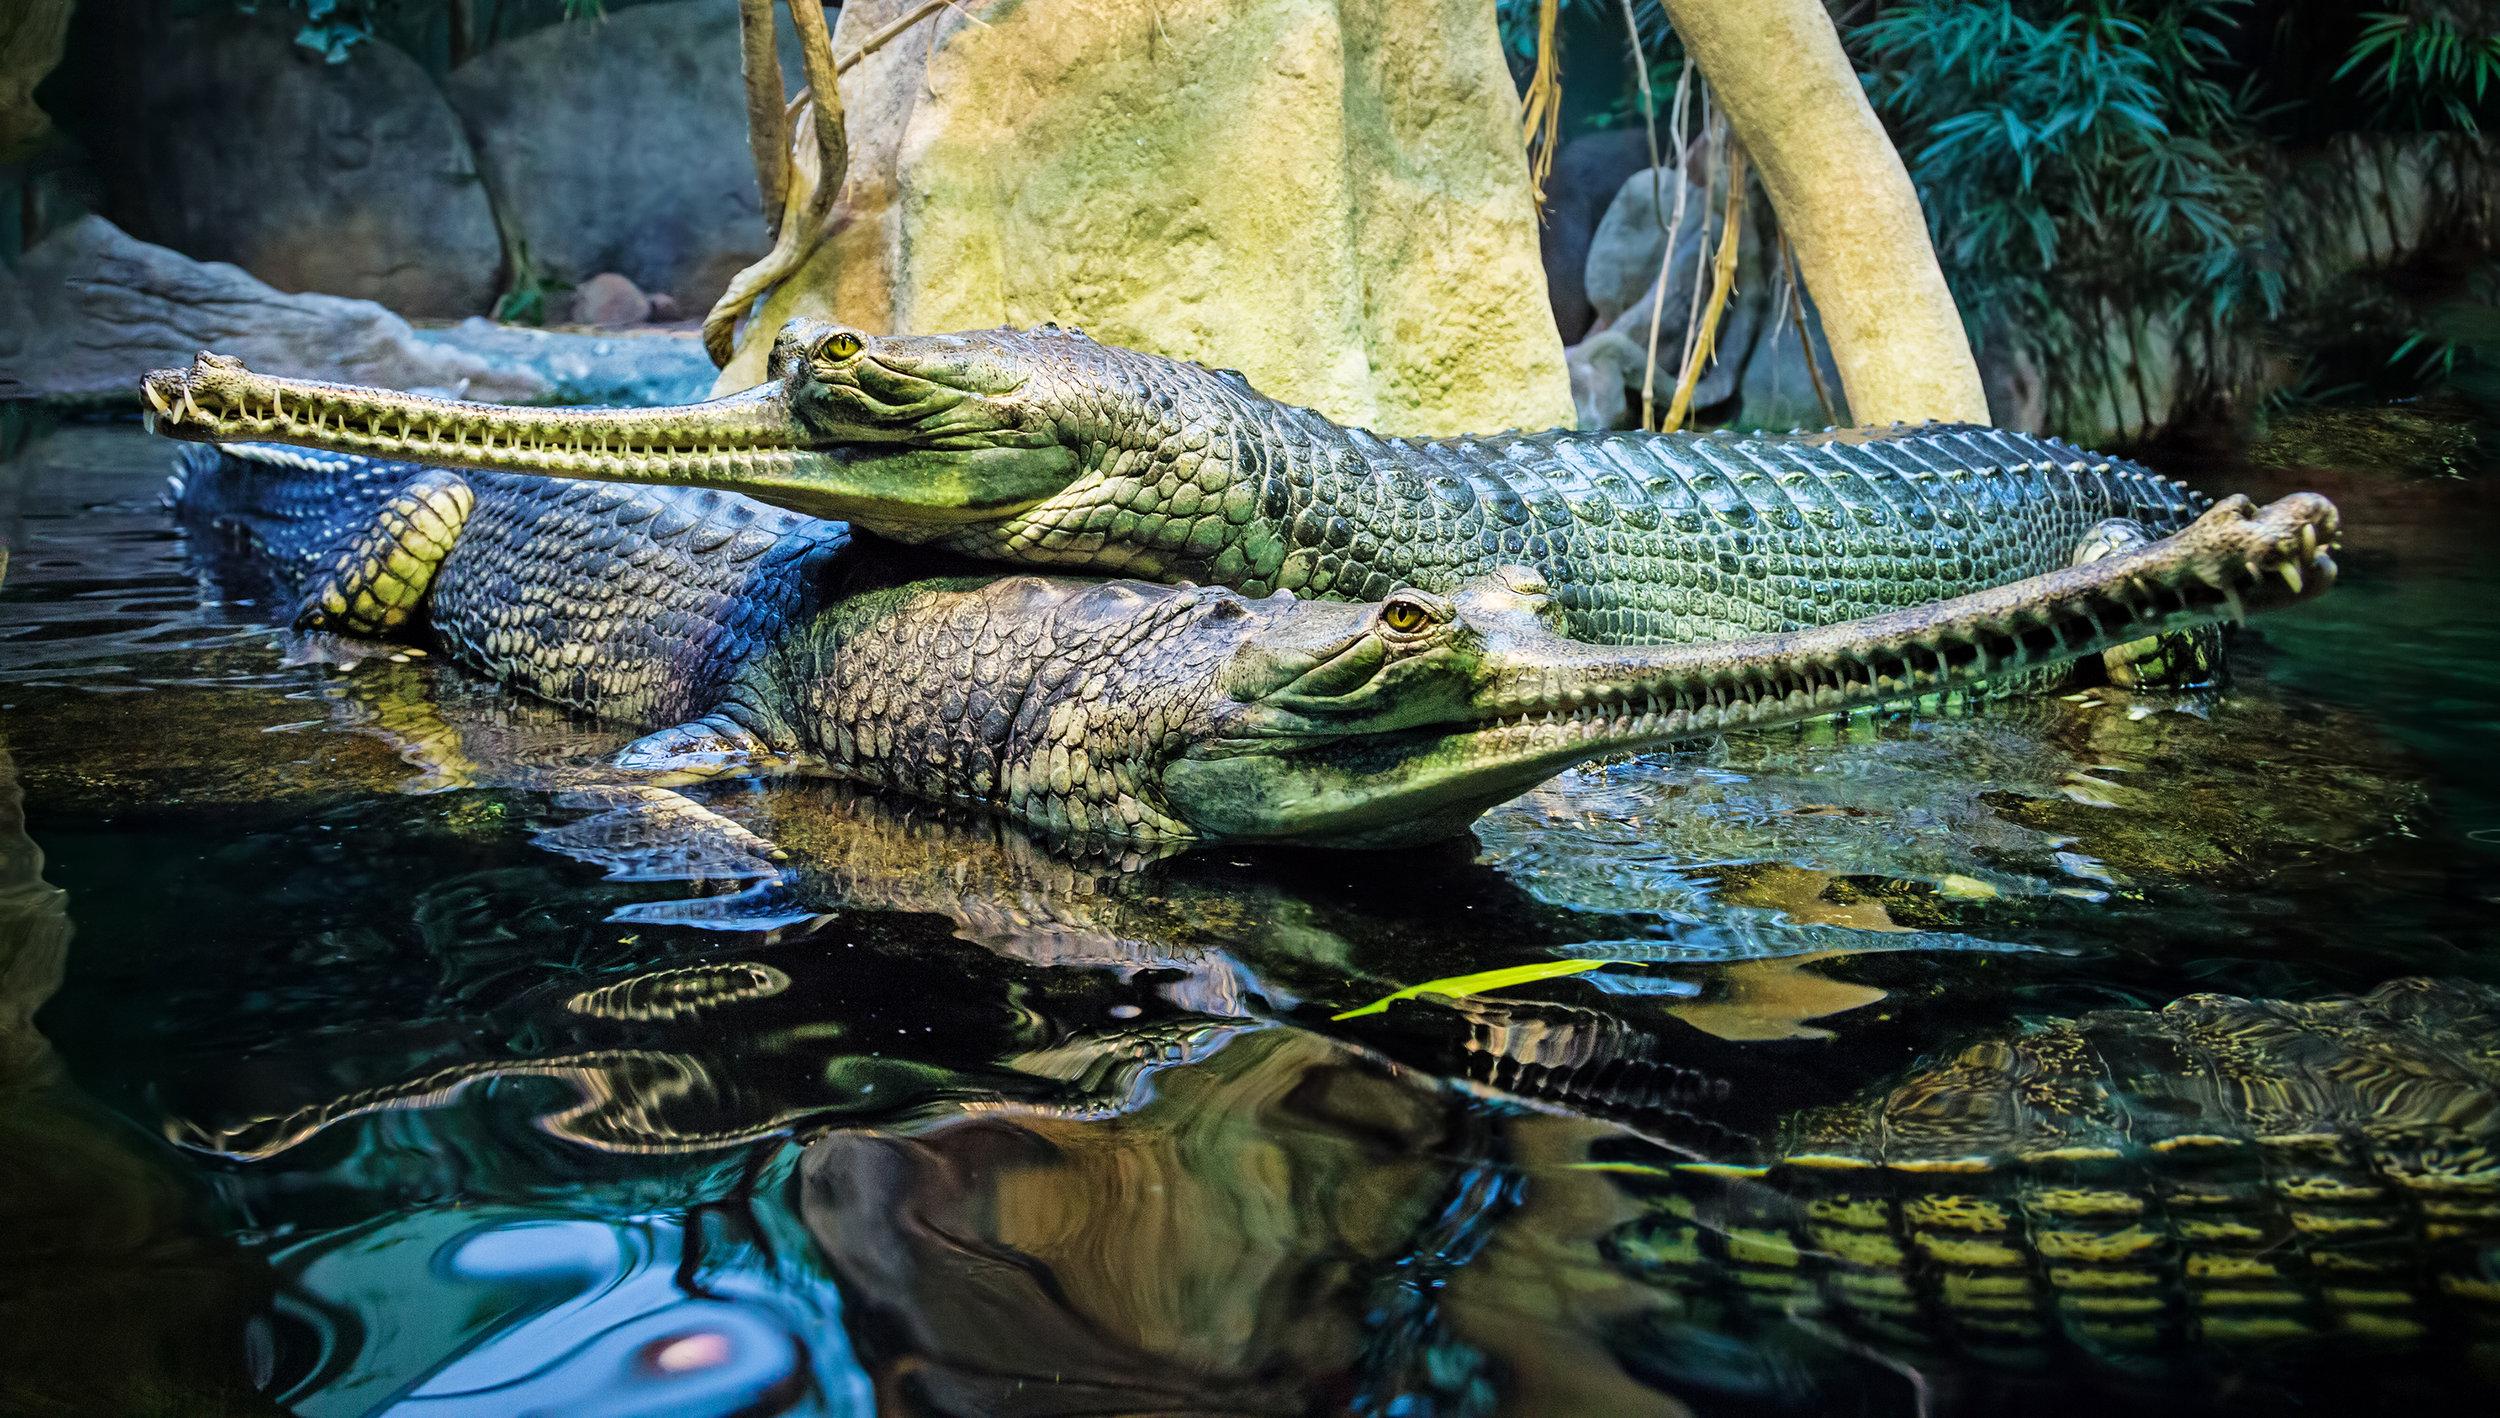 AdobeStock_135353813_Indian gharial, Gavialis gangeticus.jpg